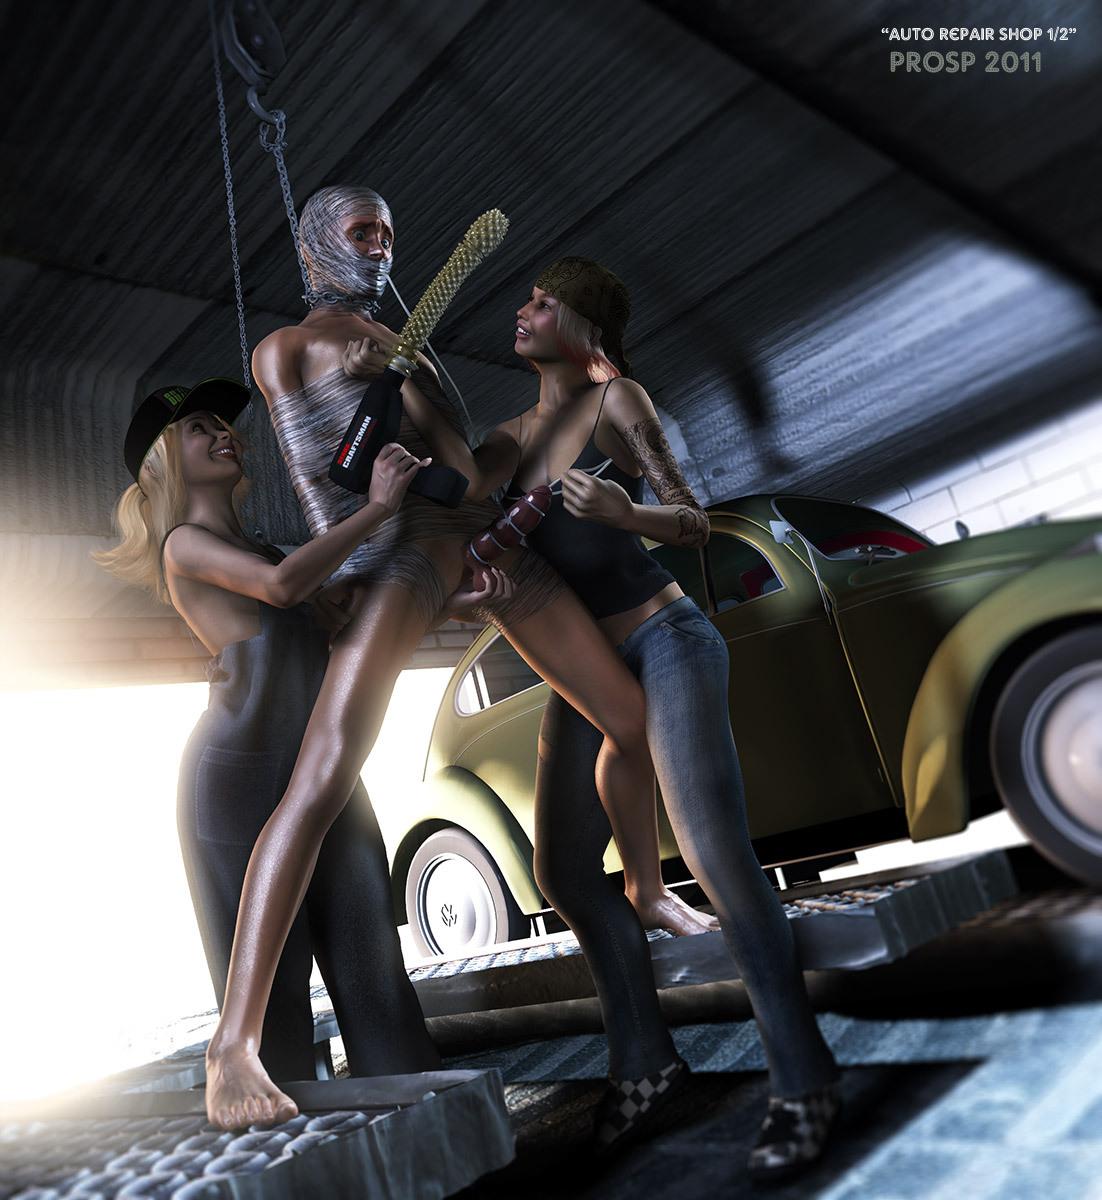 Auto Repair Shop 1/2